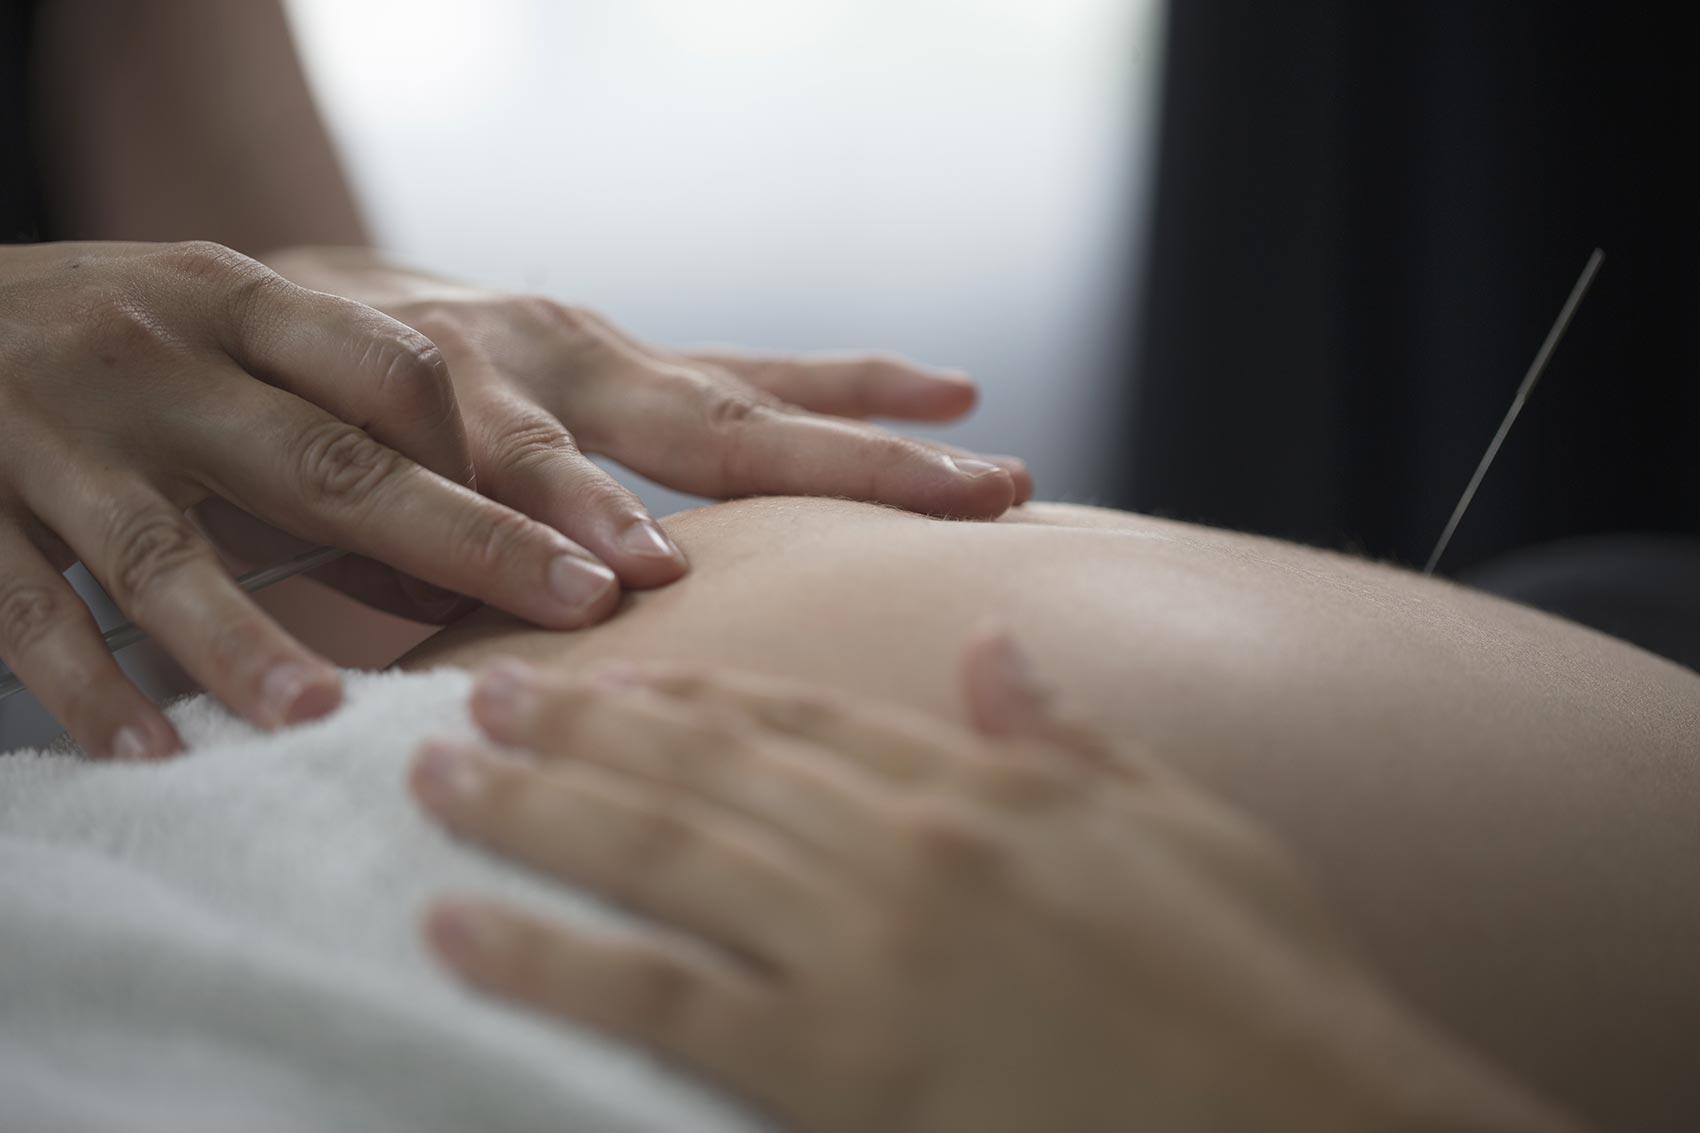 Enseignement d'acupuncture pour grossesse